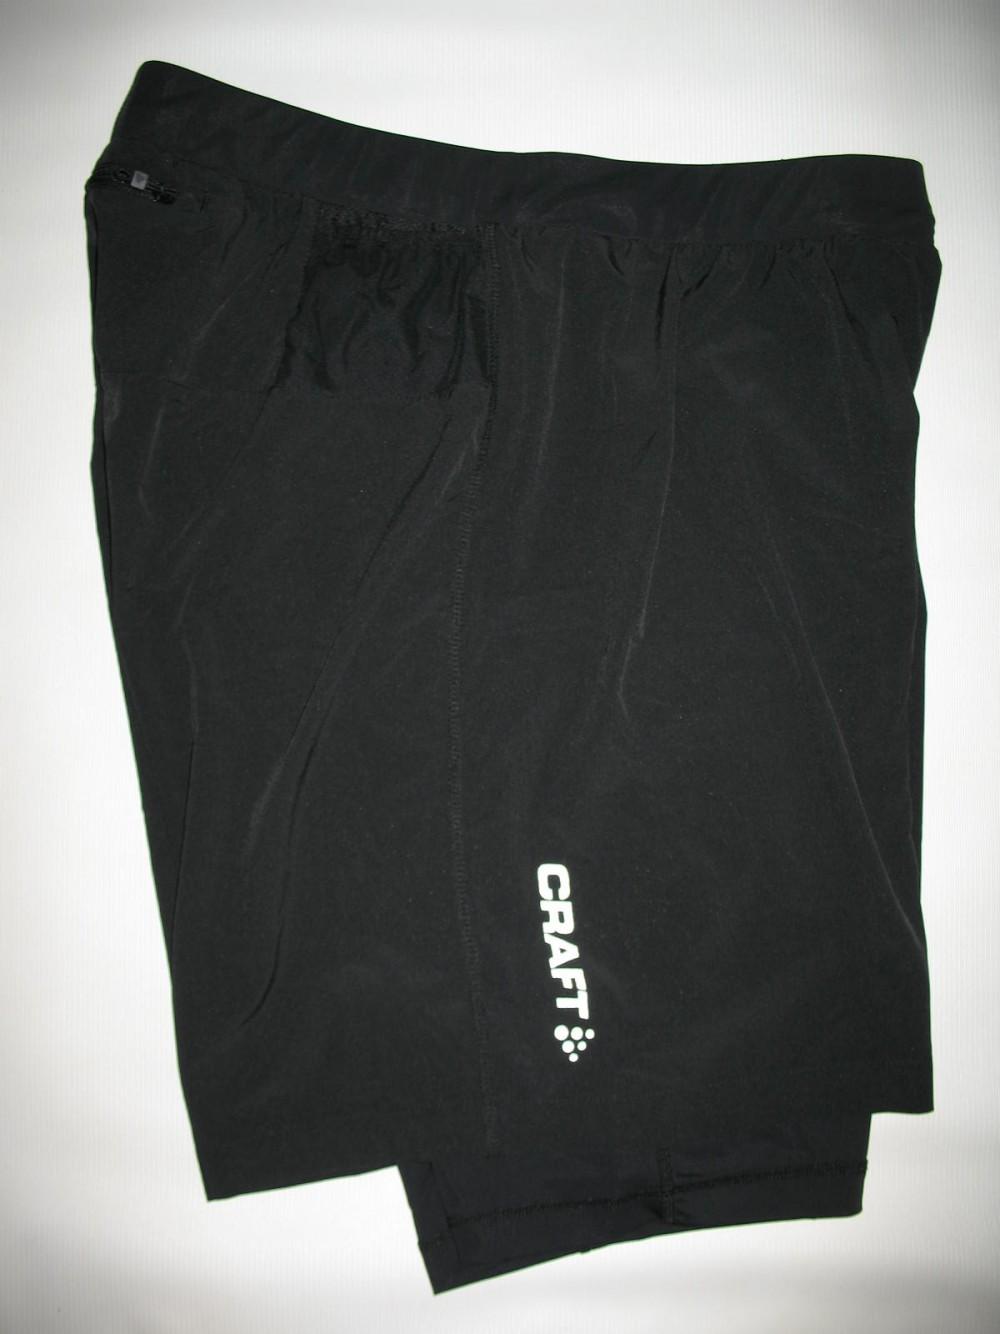 Шорты CRAFT grit 2in1 shorts (размер XL) - 5